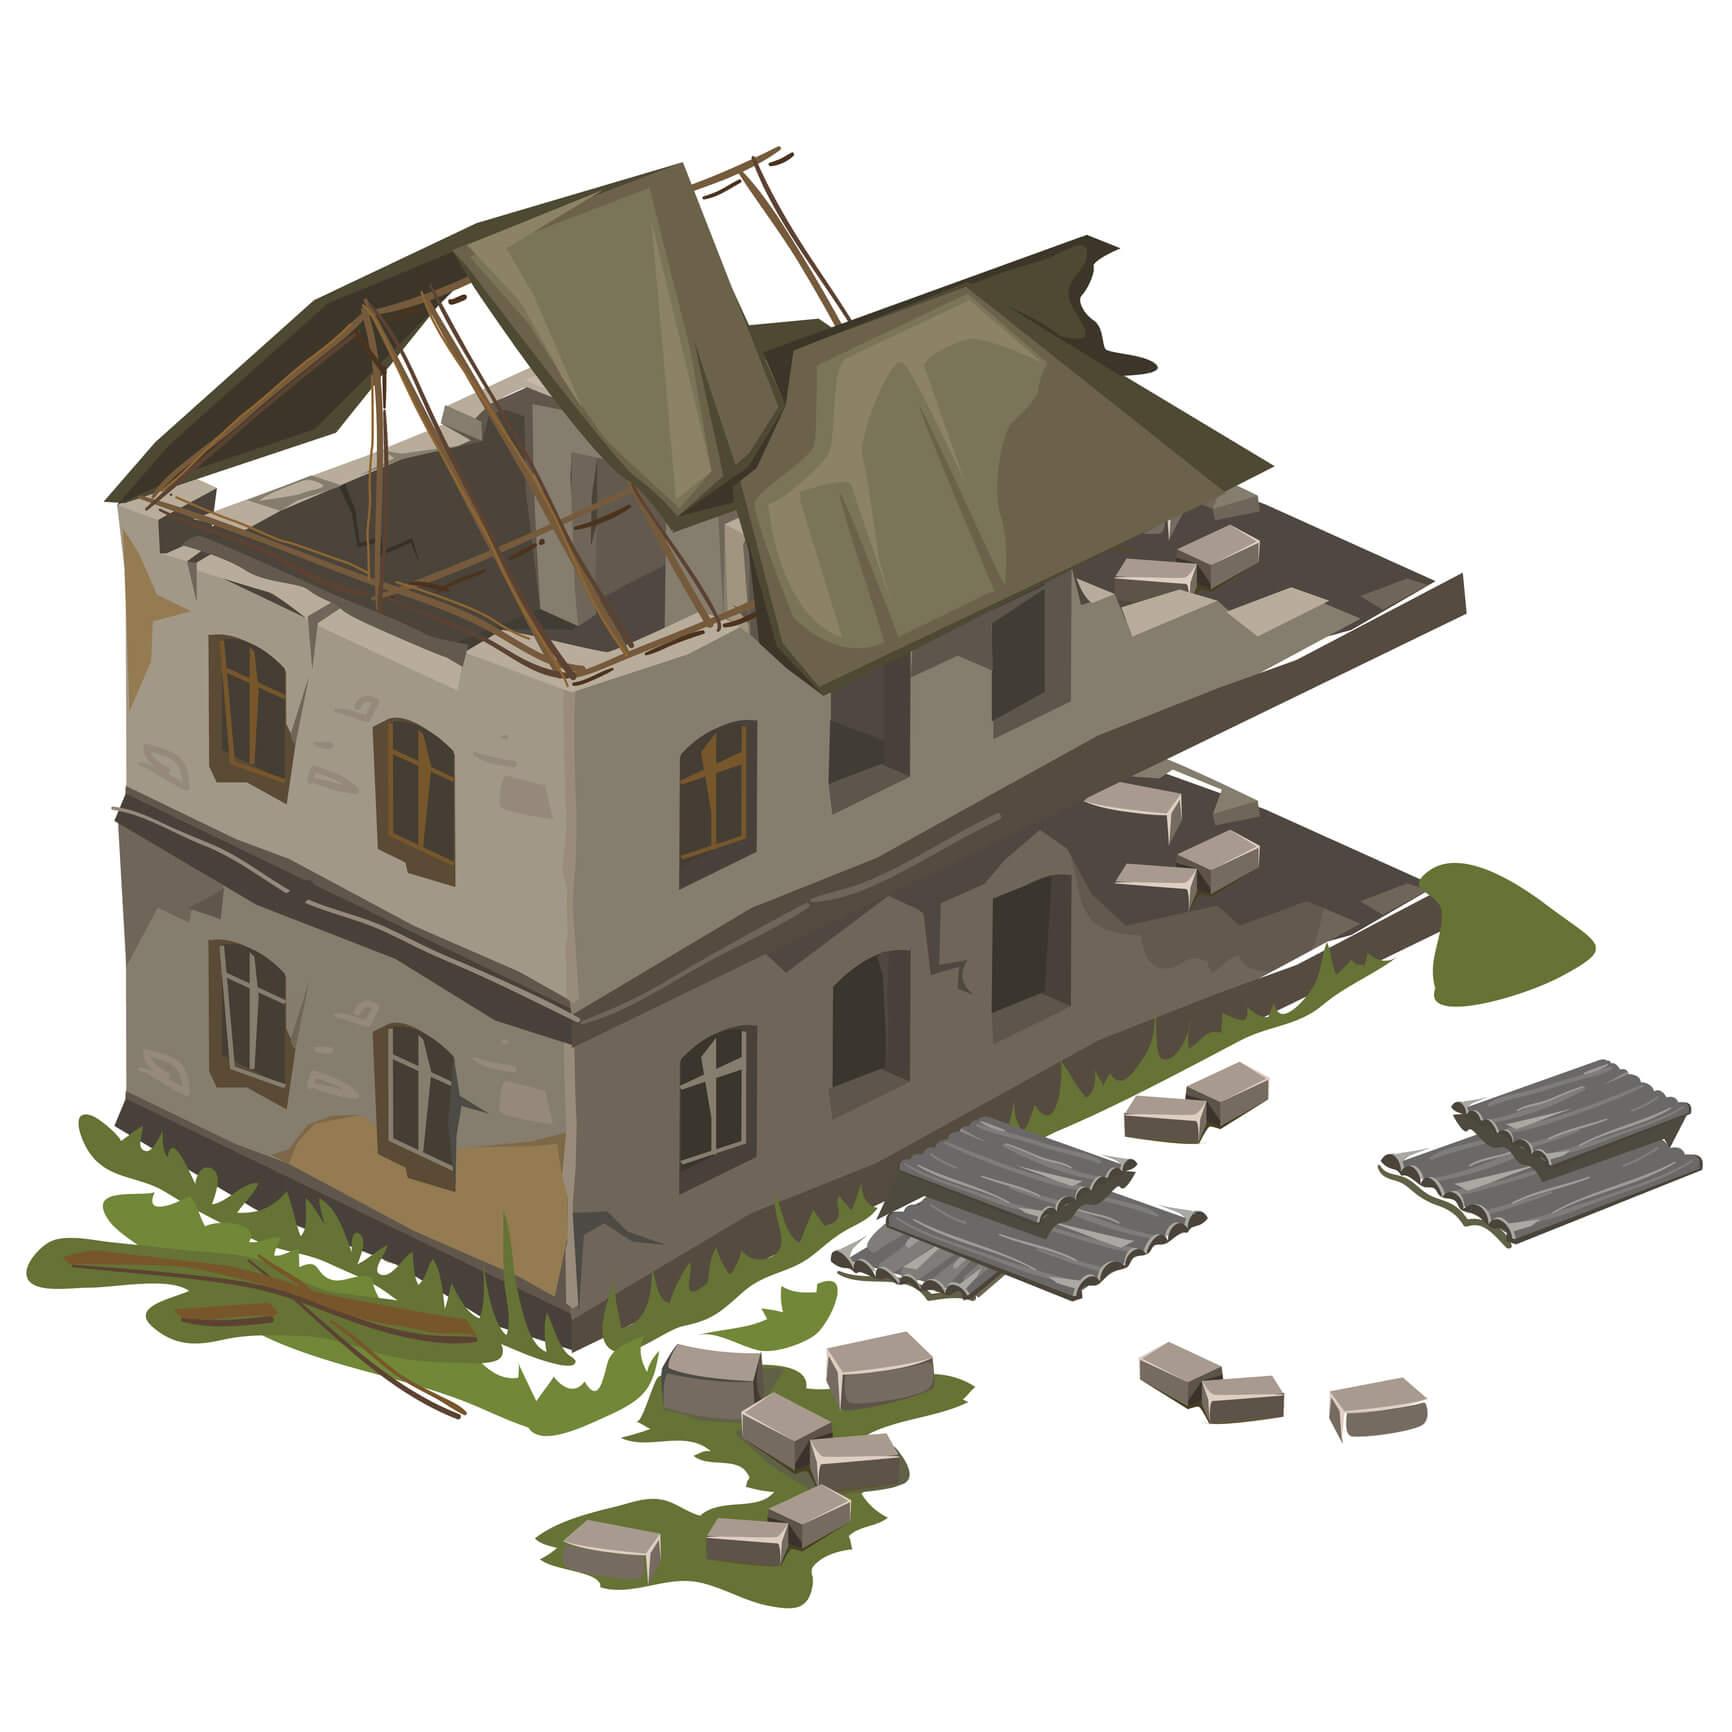 Image: Land Bank Authority